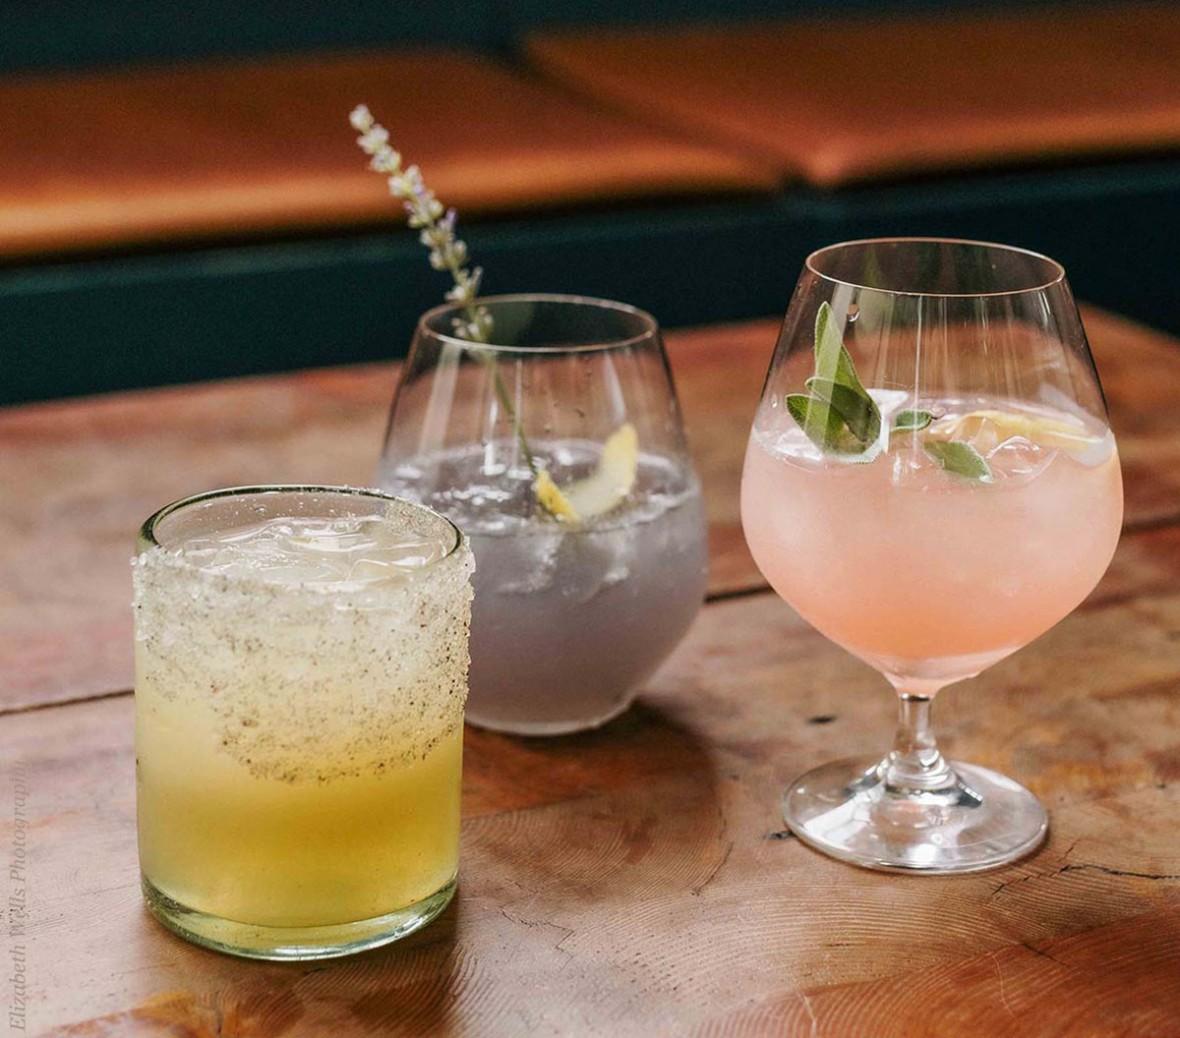 campo bar drinks by Elizabeth Wells